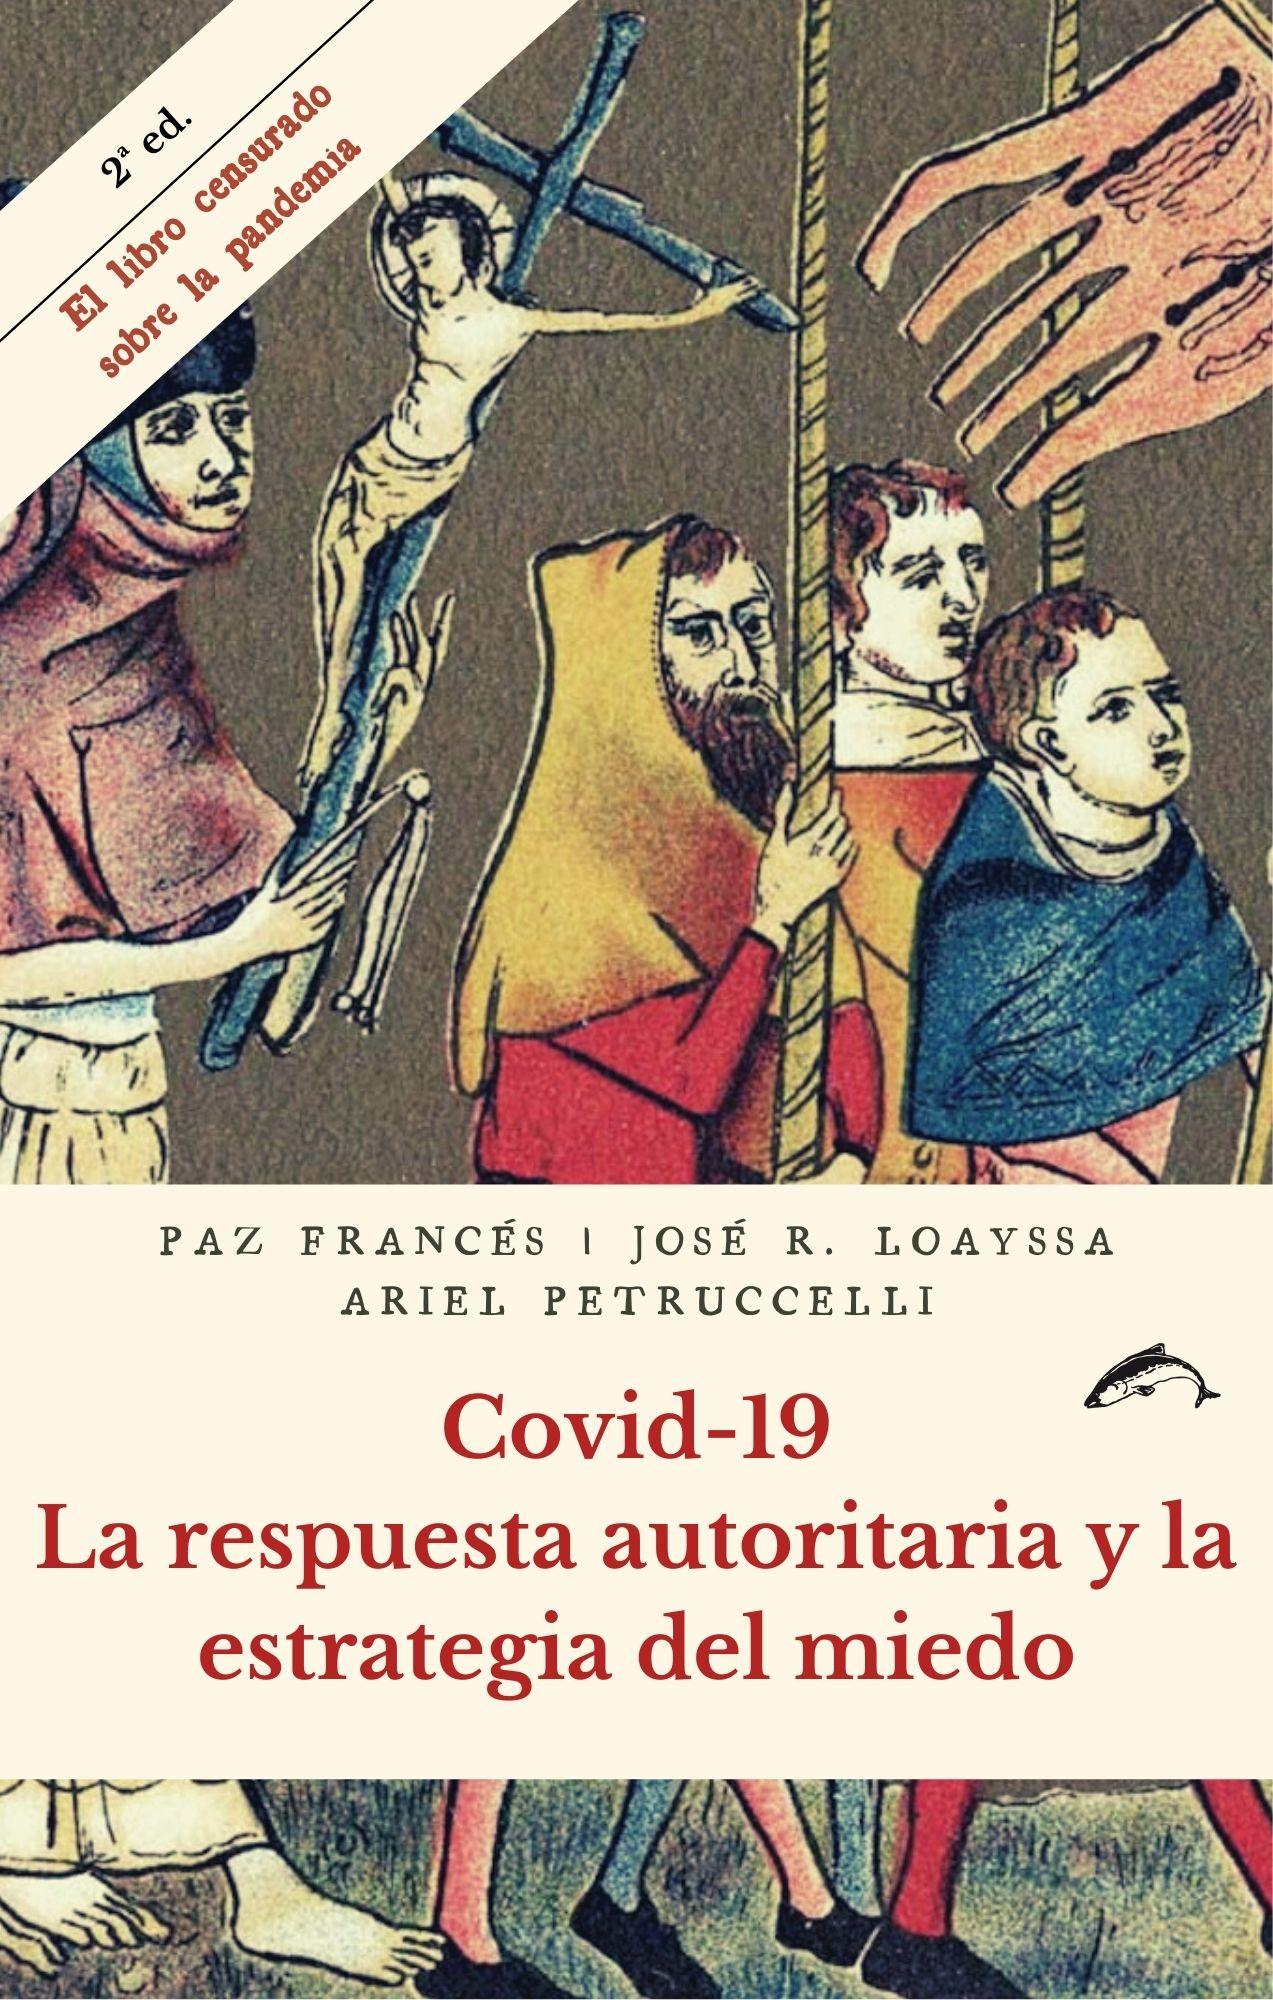 ☣ CORONAVIRUS ☣ - Minuto y Reconfinado - Vol. 147 - Sacabao o no? Reedici%C3%B3n-Covid-19